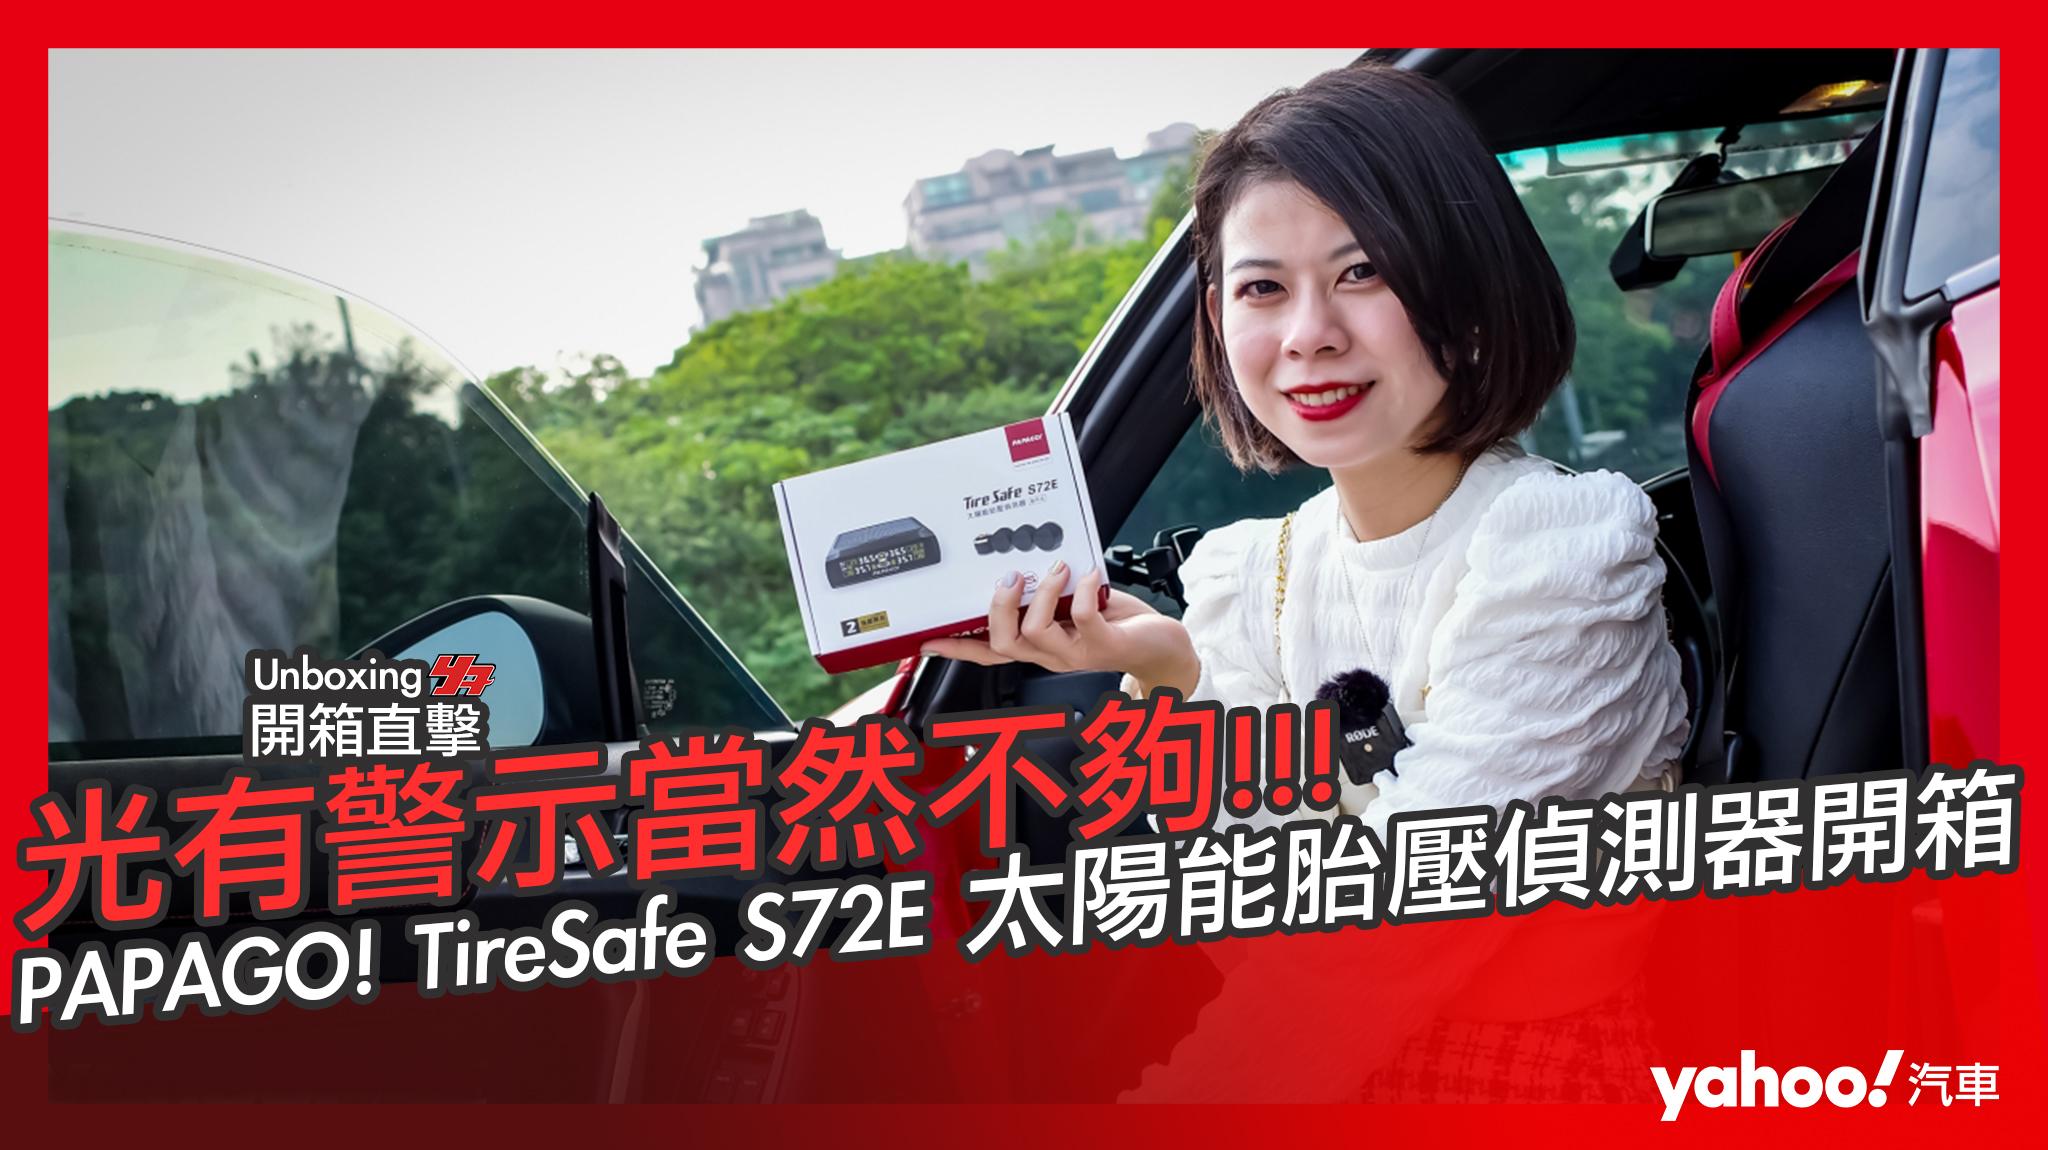 【開箱直擊】光有警示當然不夠!PAPAGO! TireSafe S72E無線太陽能胎外式輕巧胎壓偵測器開箱實測!